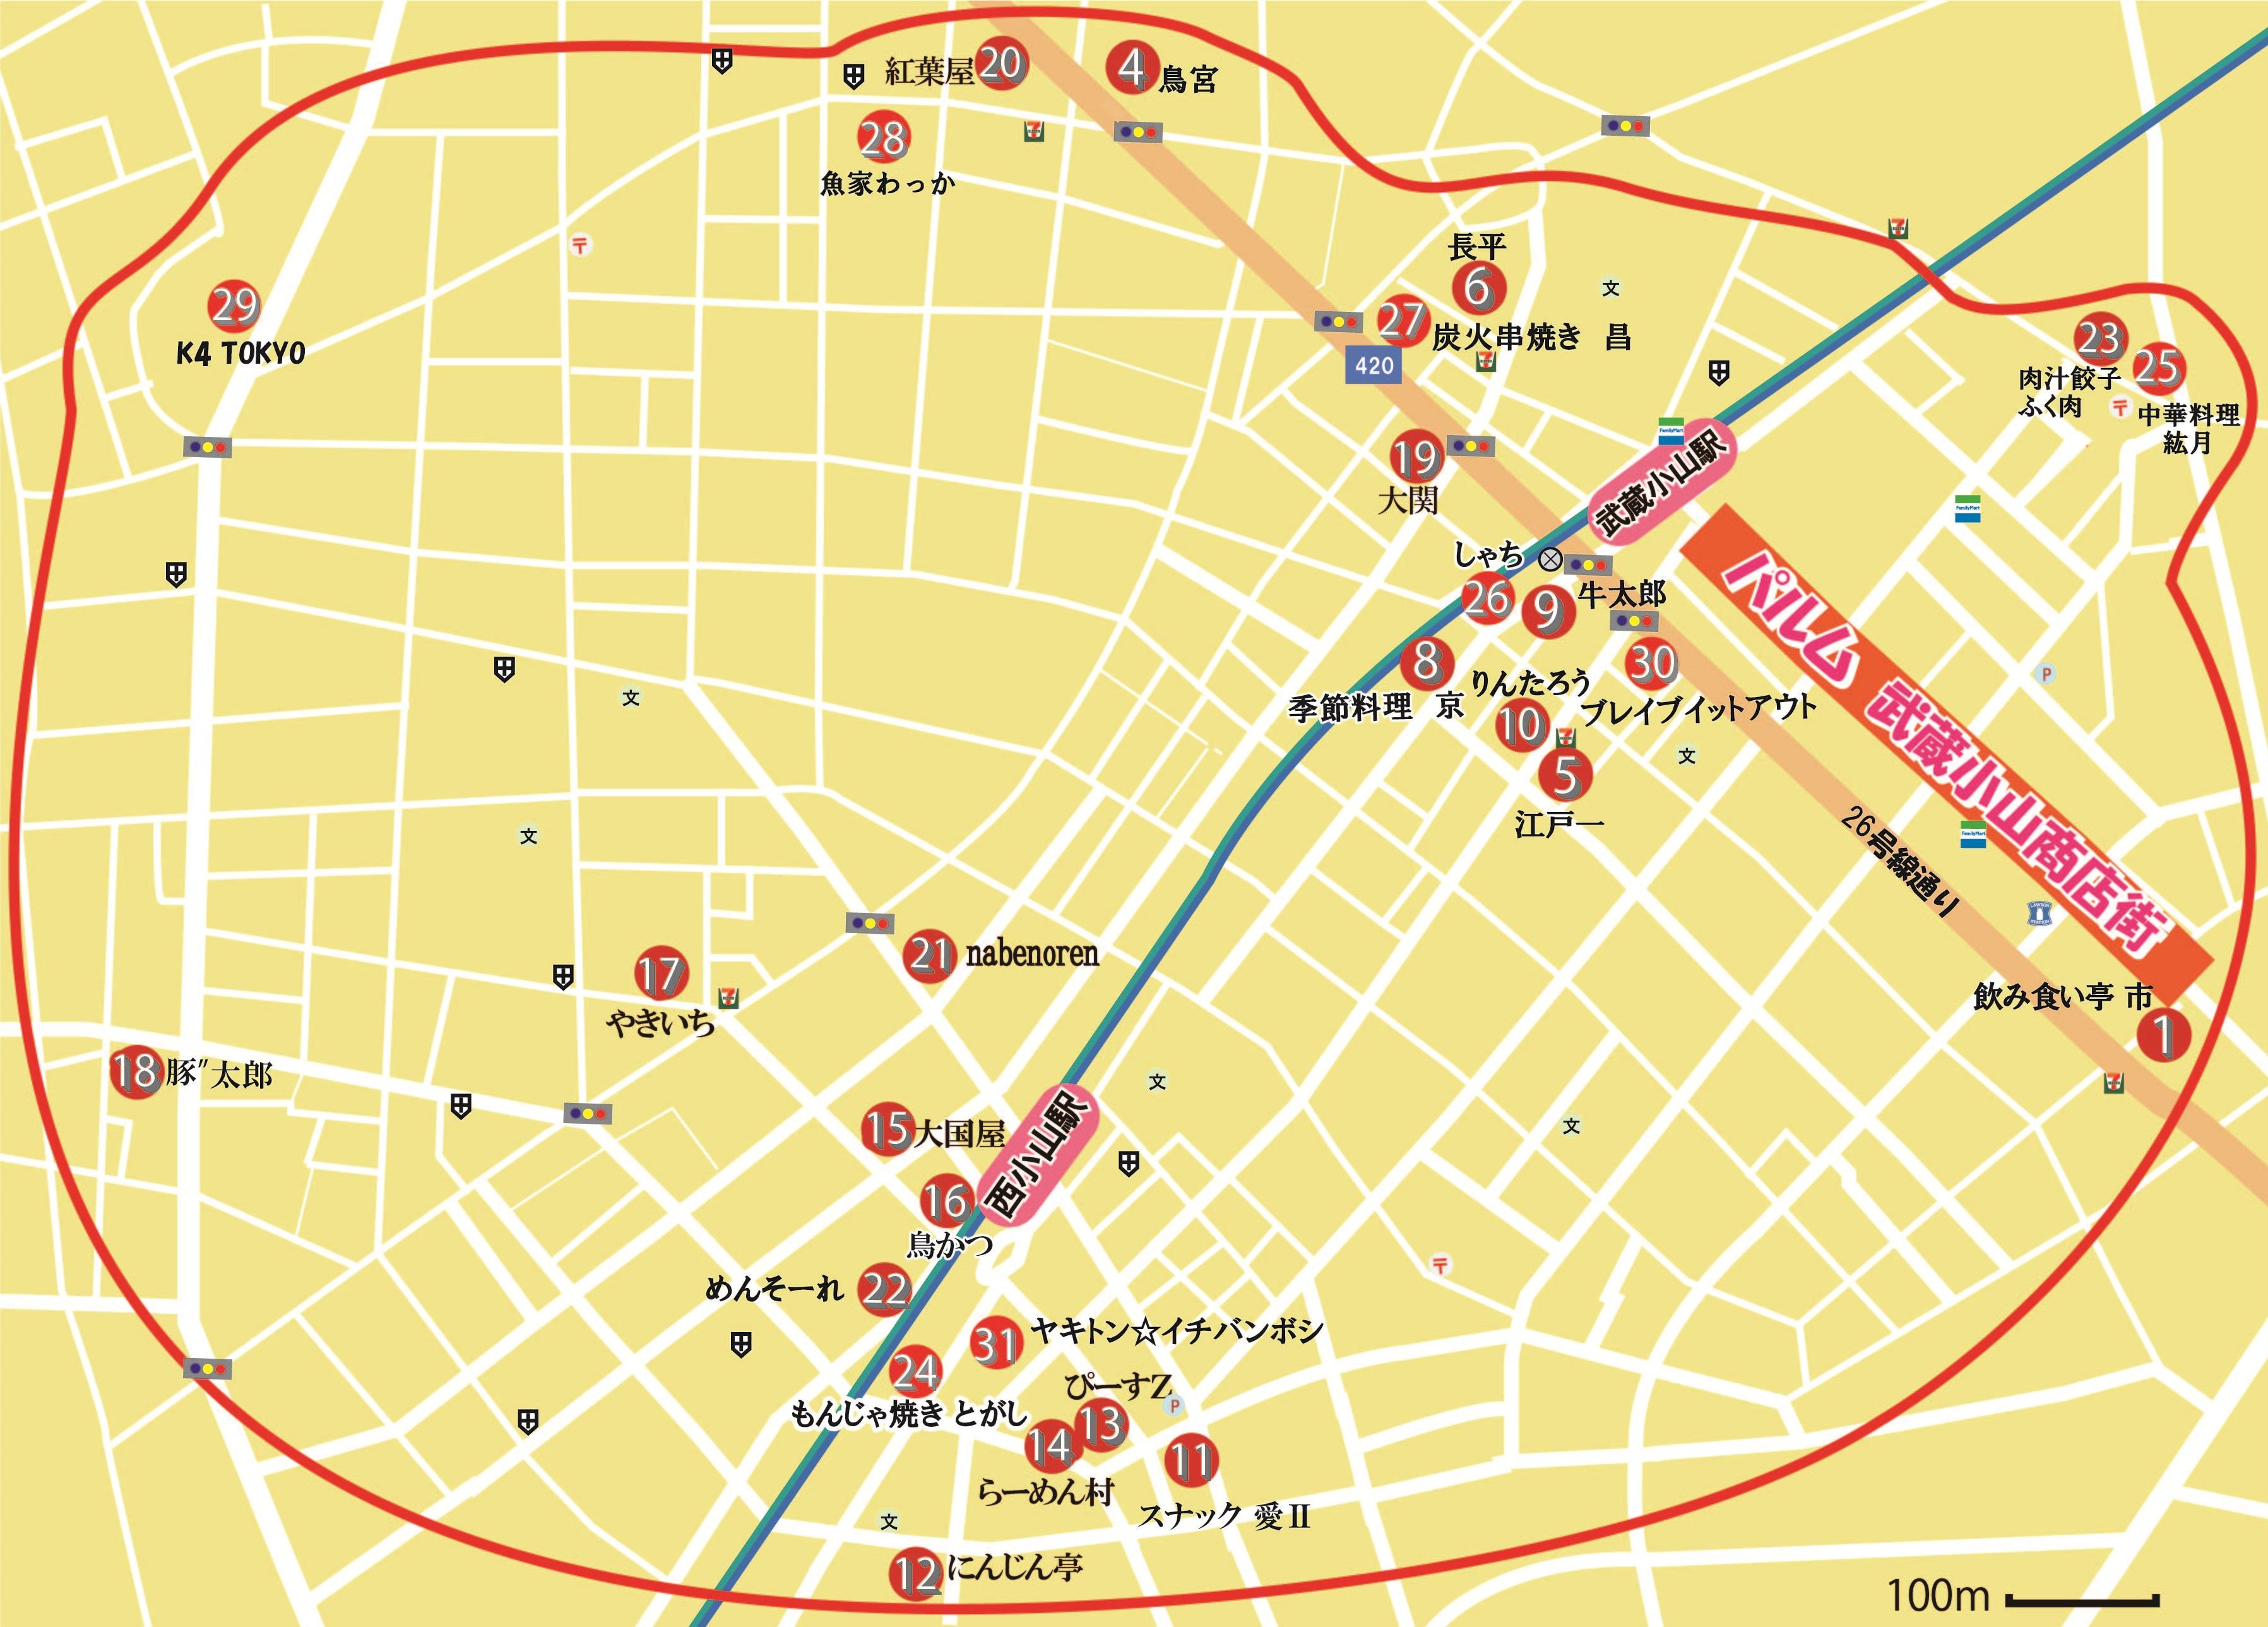 20191202_ハイサワー特区地図イベント参加店-01